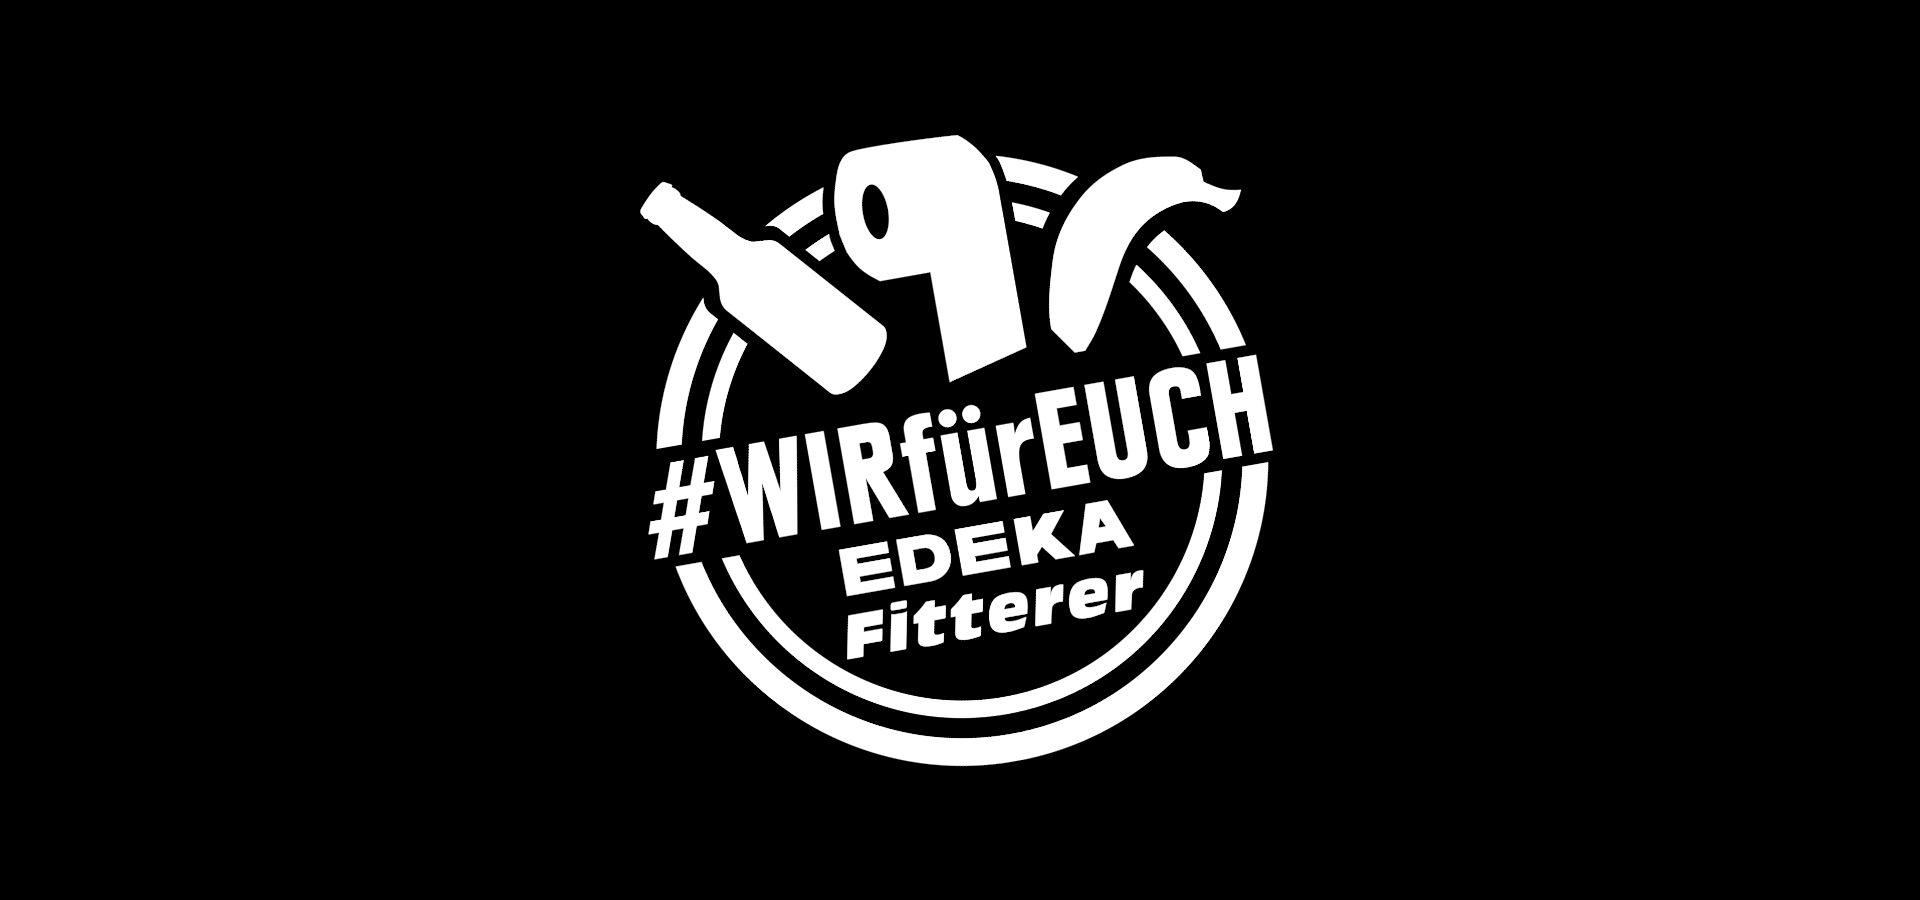 1920x1080 #WIRfürEUCH